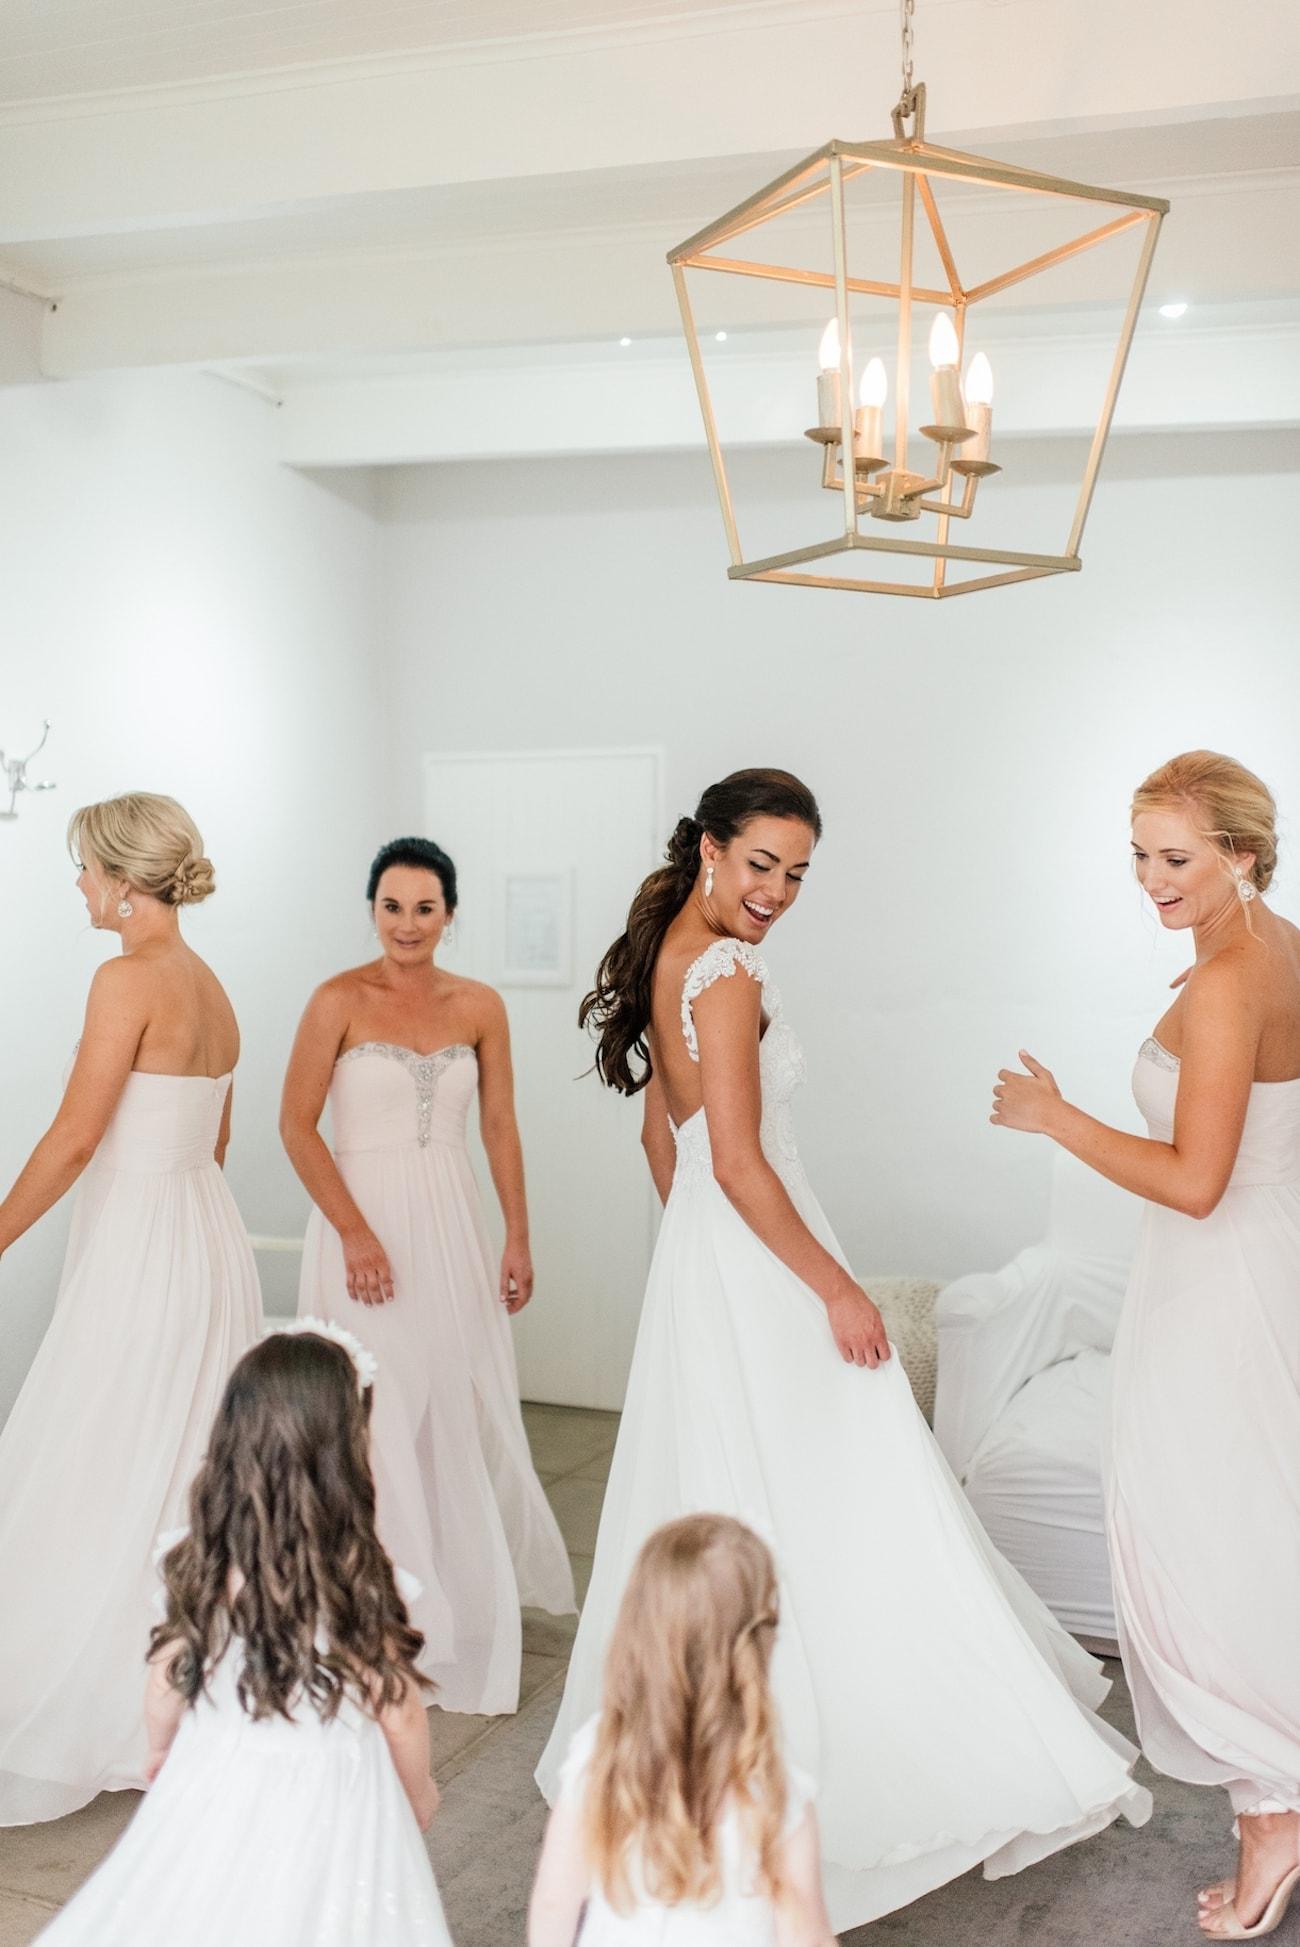 Dancing Bridesmaids   Image: Carla Adel